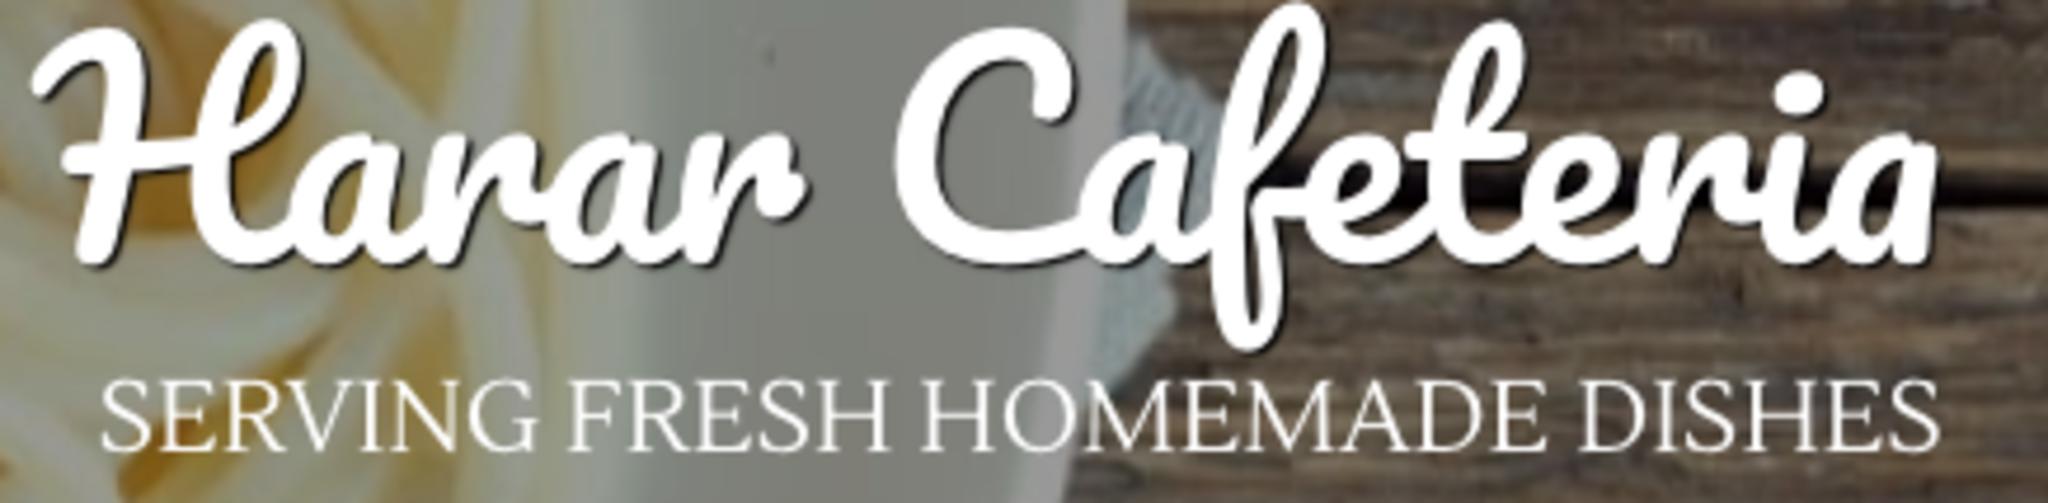 Harar Cafeteria